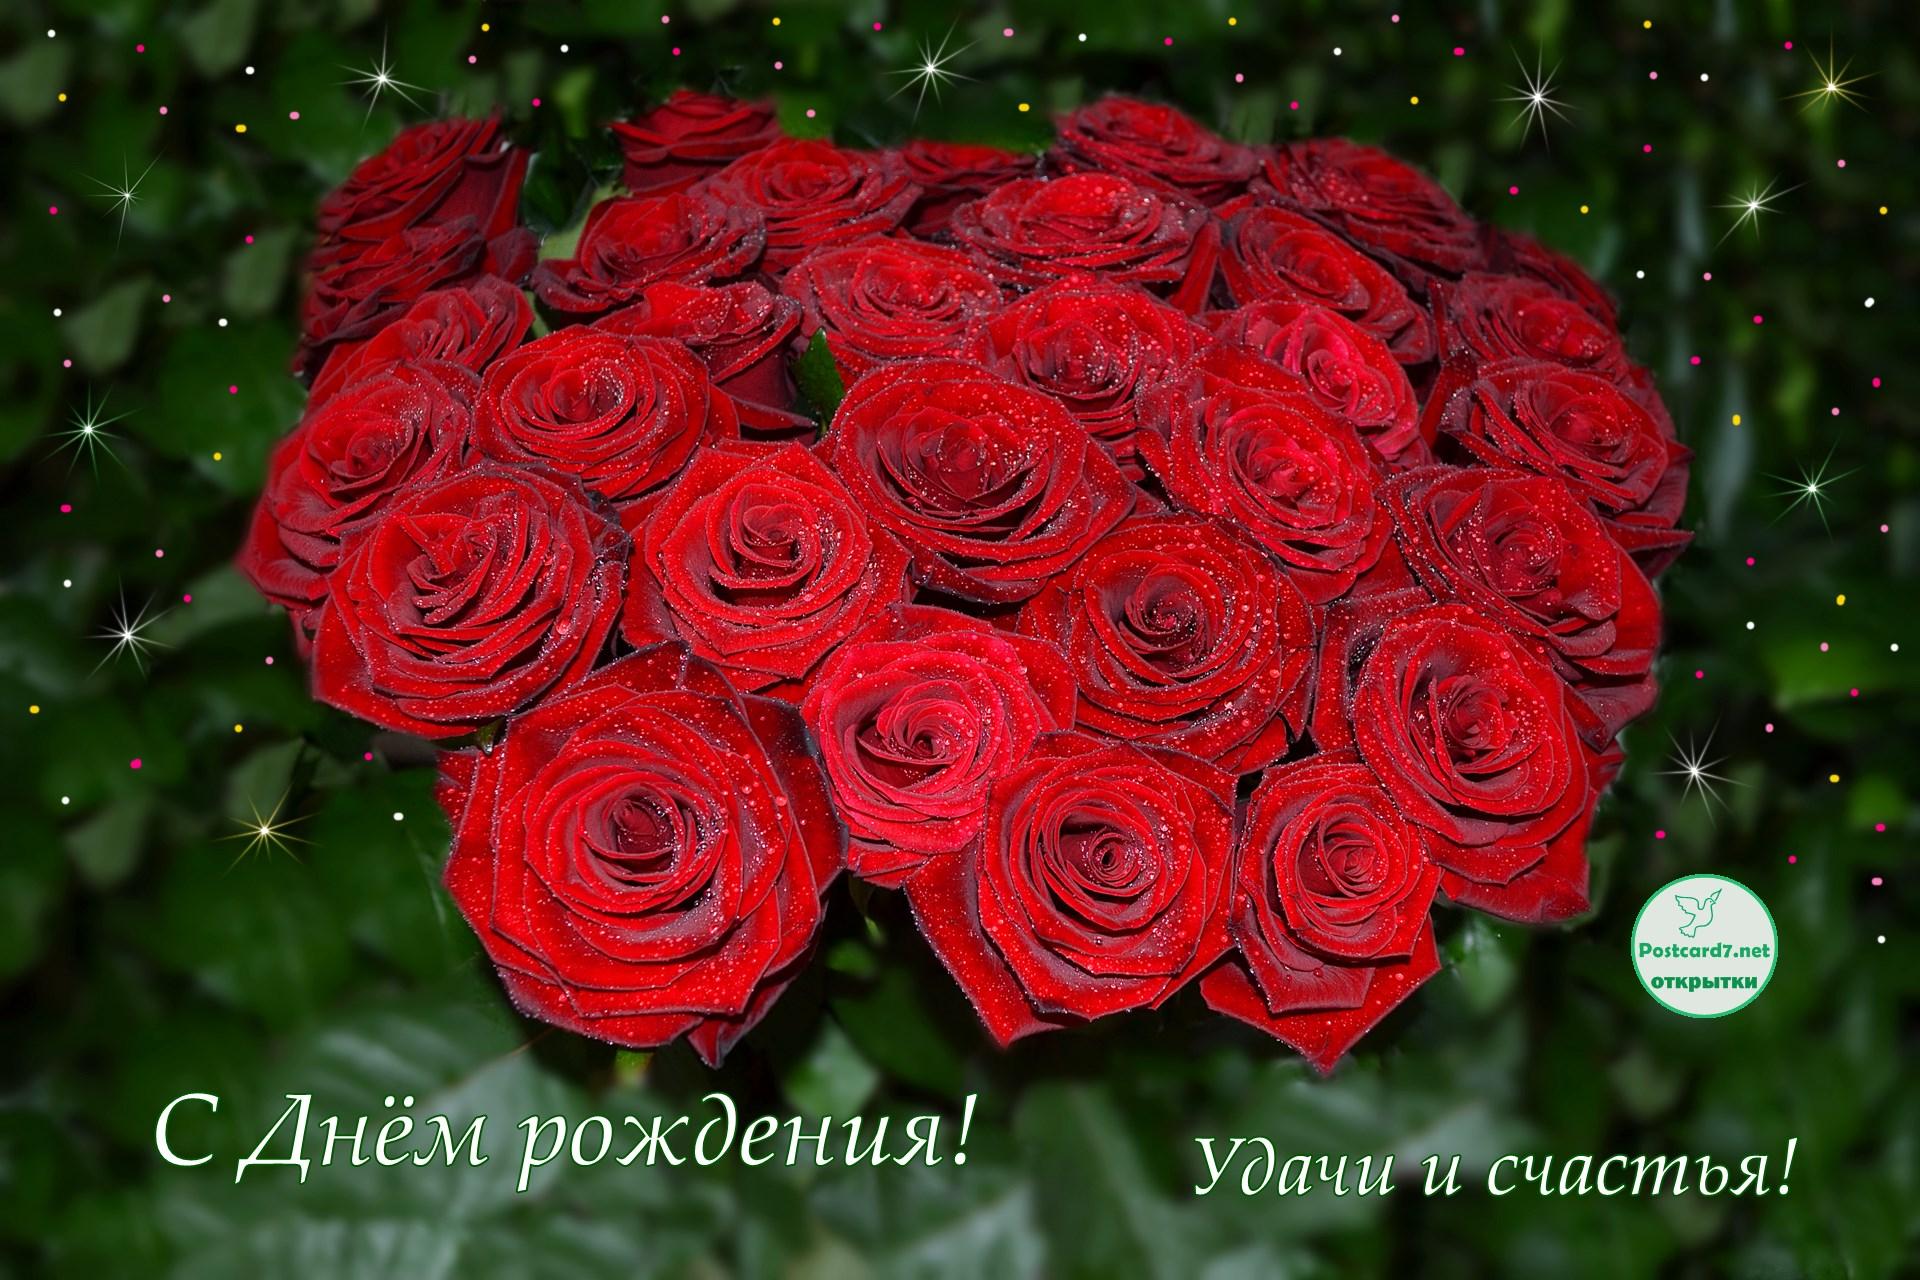 Картинка с днем рождения много роз, днем